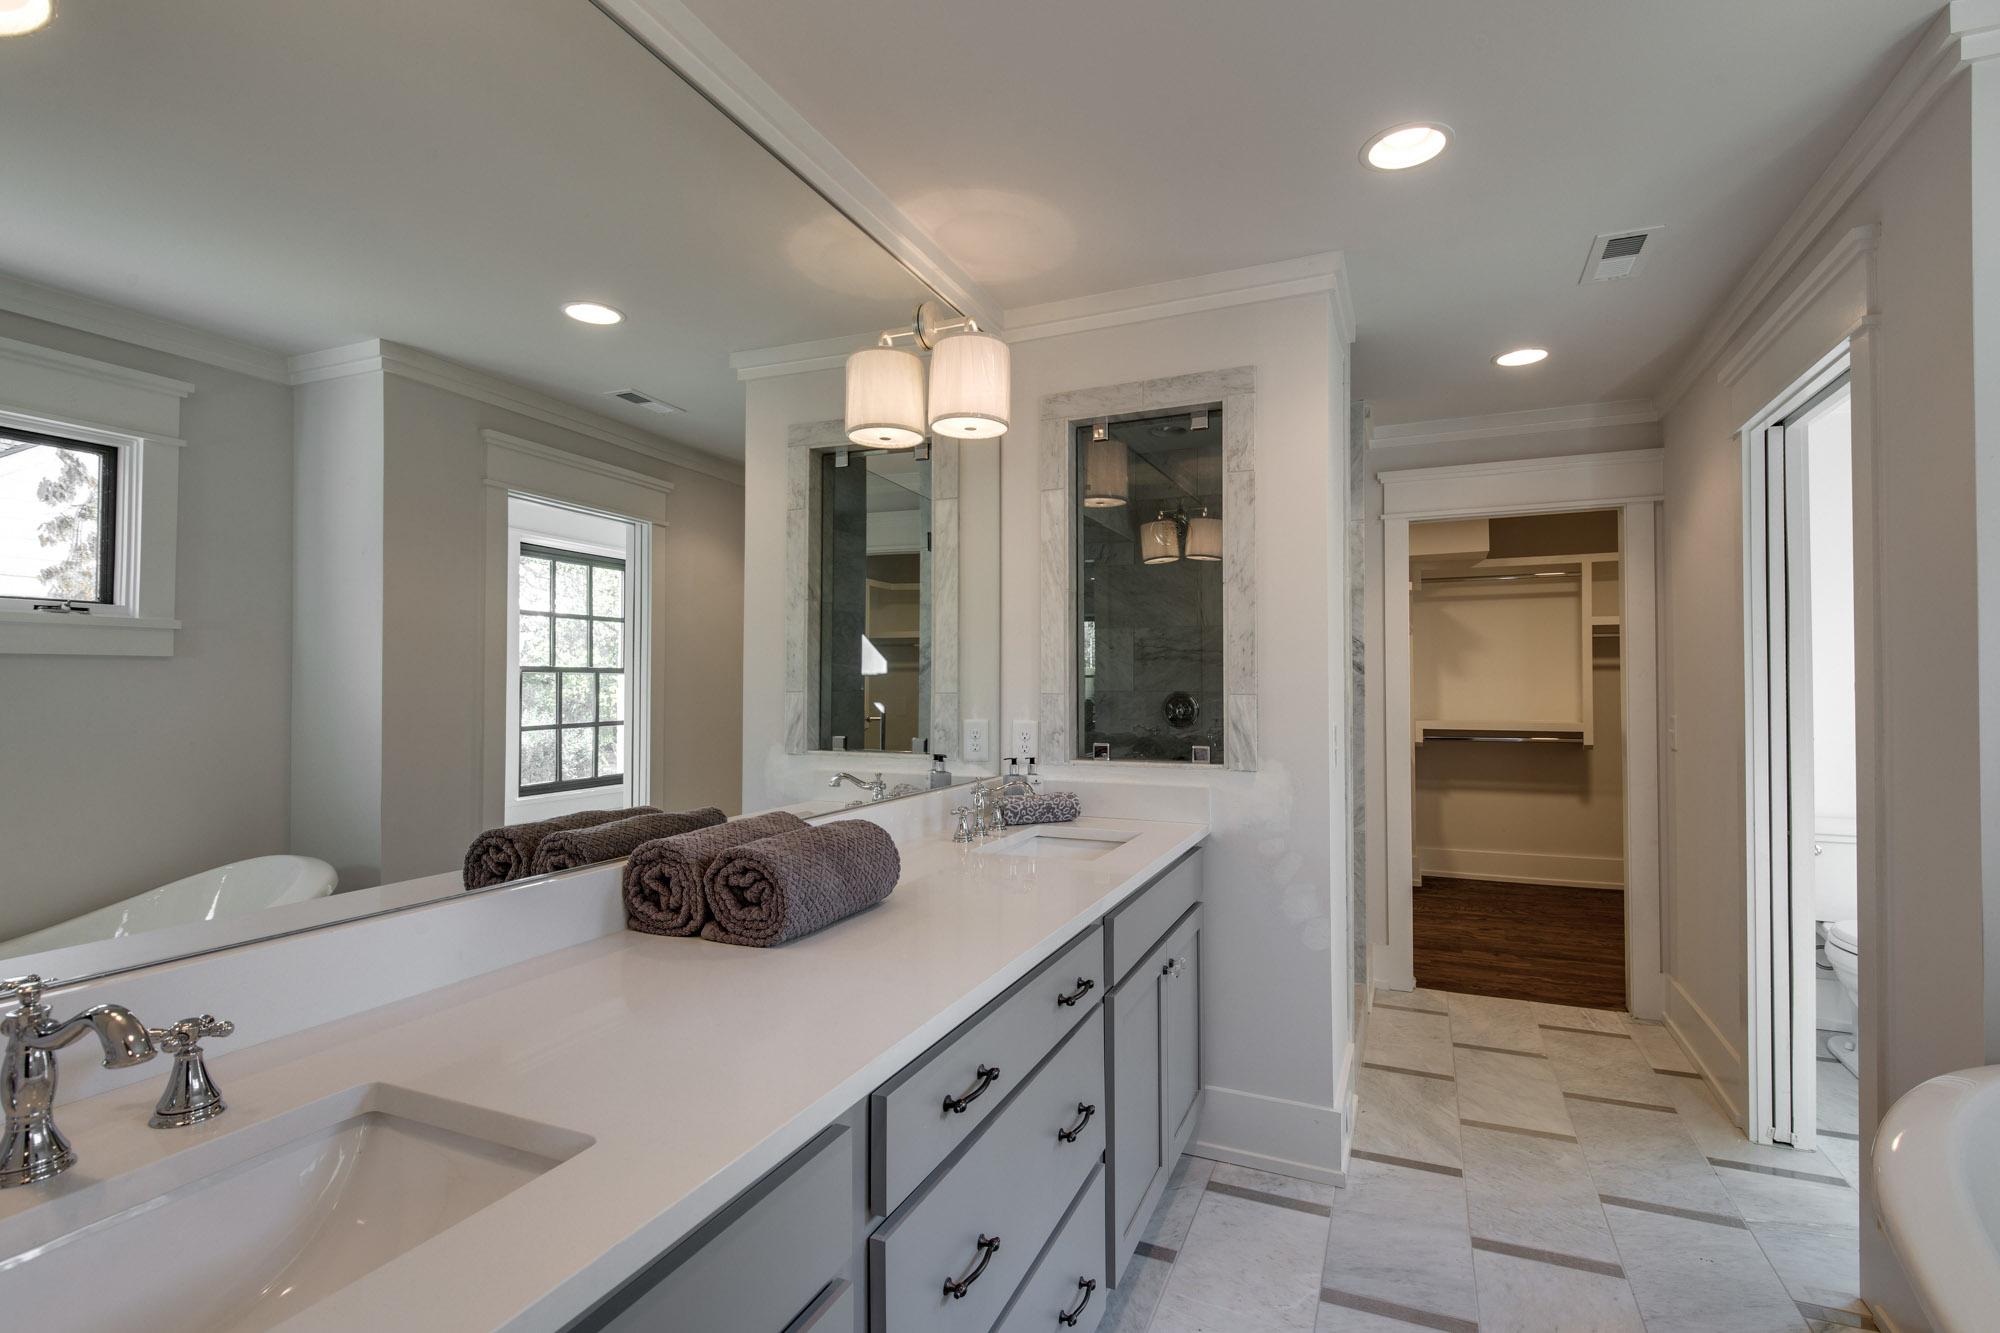 nashville-home-remodel-renovation-custom-home-tennessee-britt-development-group-1030.jpg